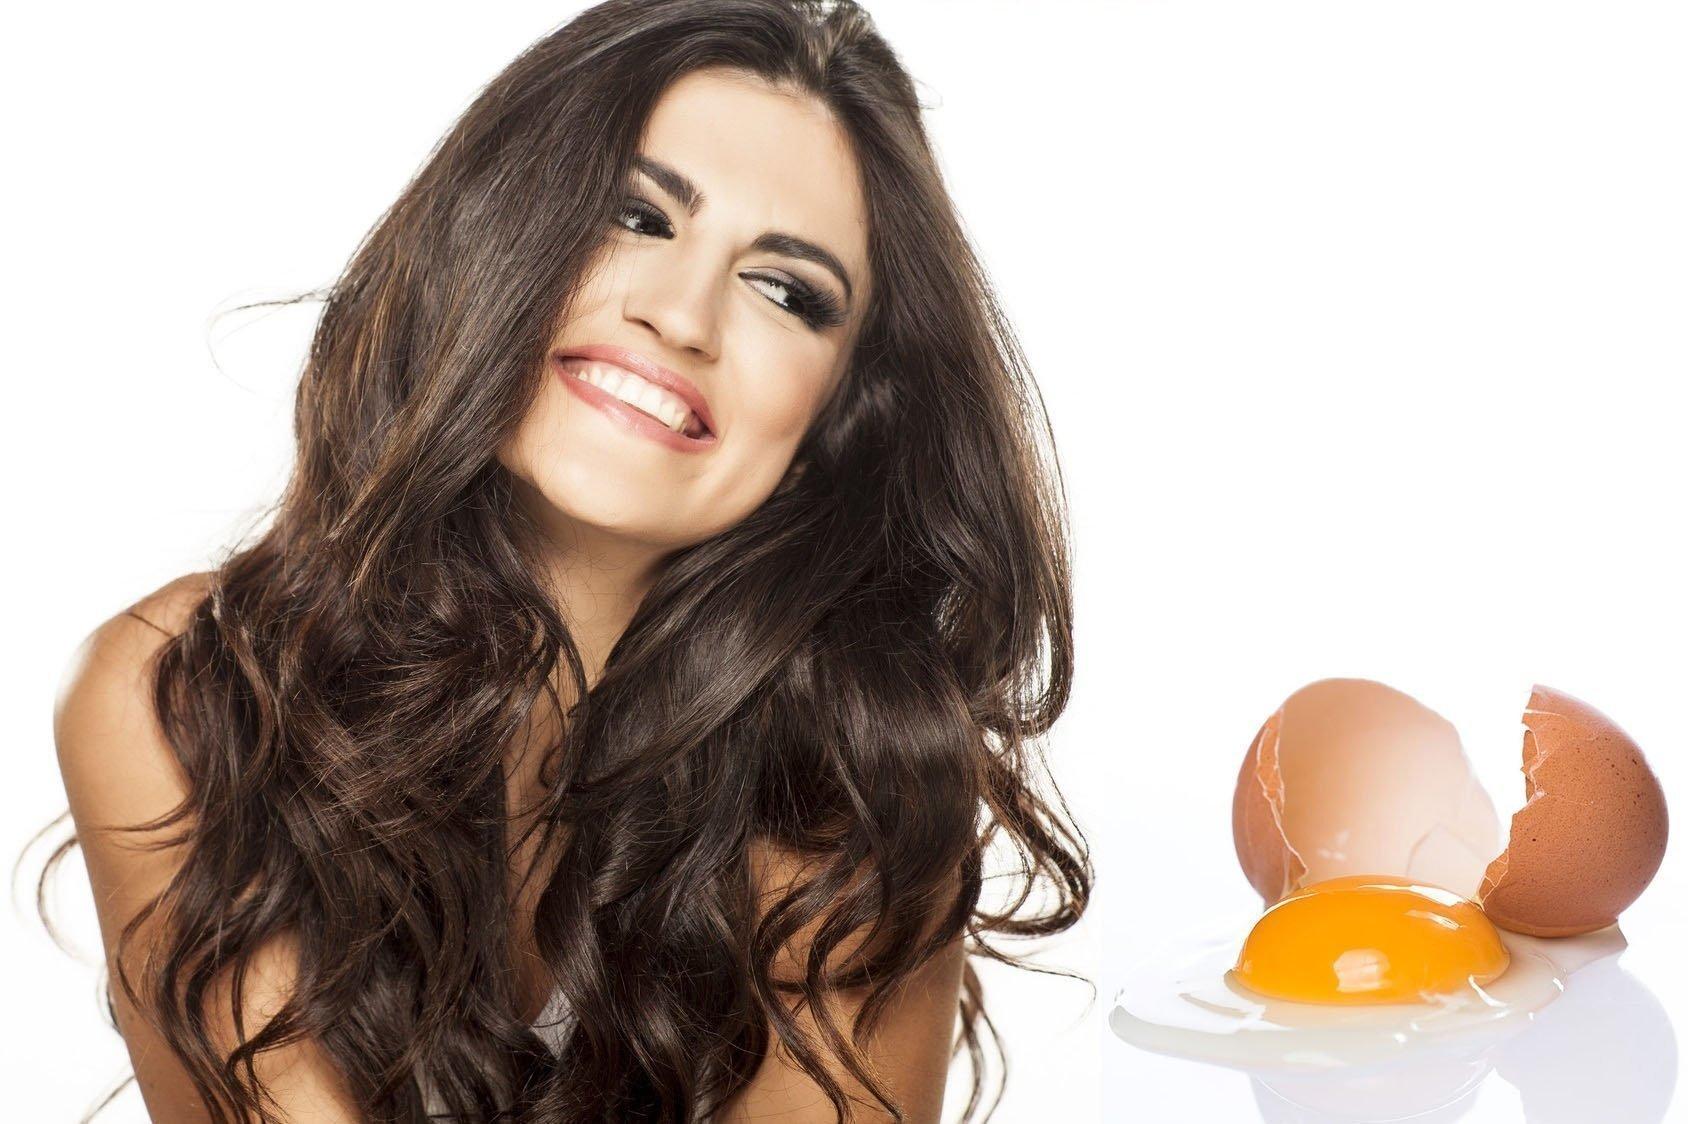 Маска для волос из яйца – маски из яичного желтка для роста волос